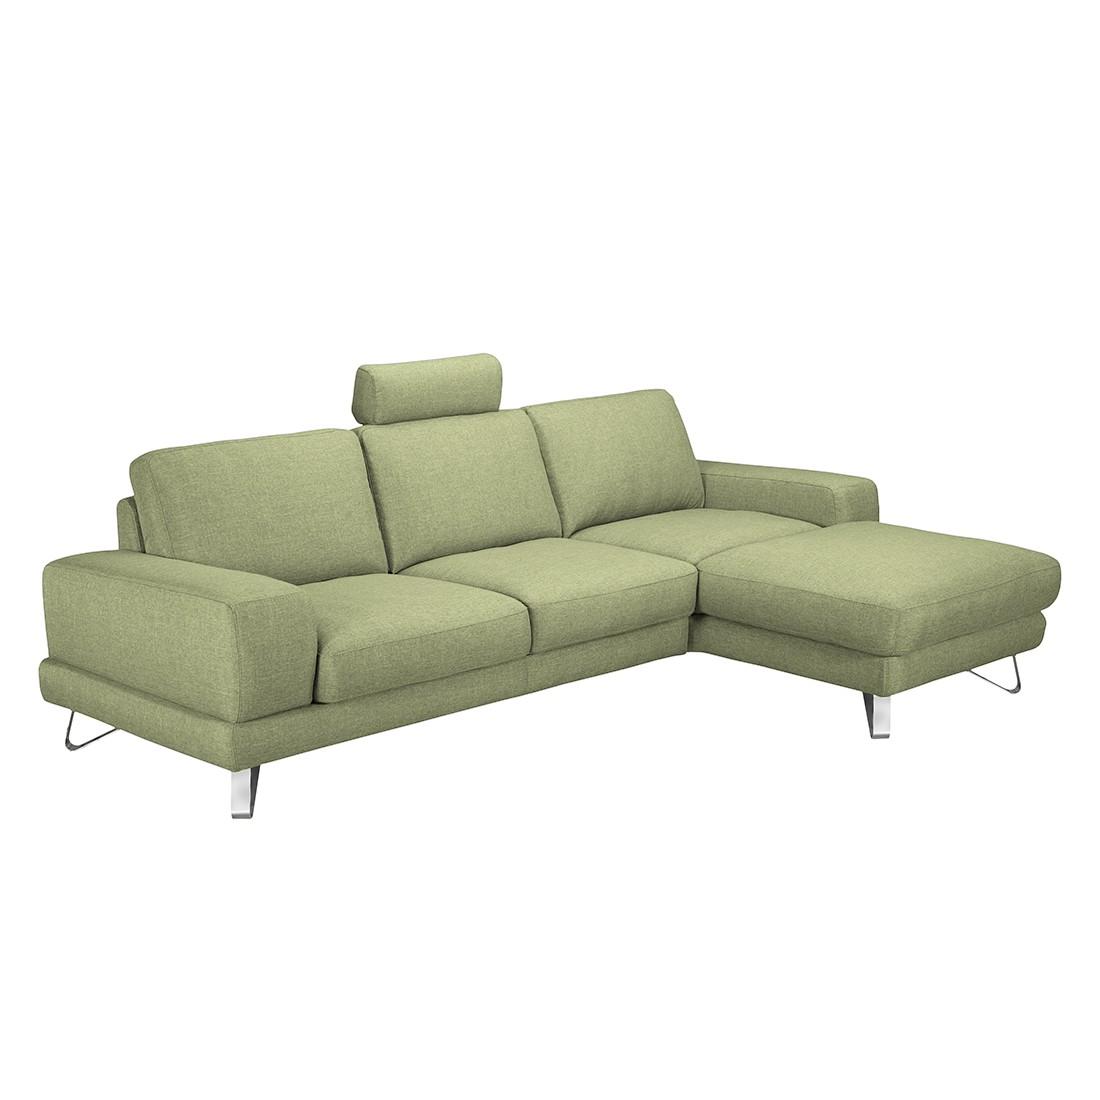 Ecksofa Bradley – Webstoff Grün – Longchair davorstehend rechts – Ohne Kopfstütze, loftscape bestellen